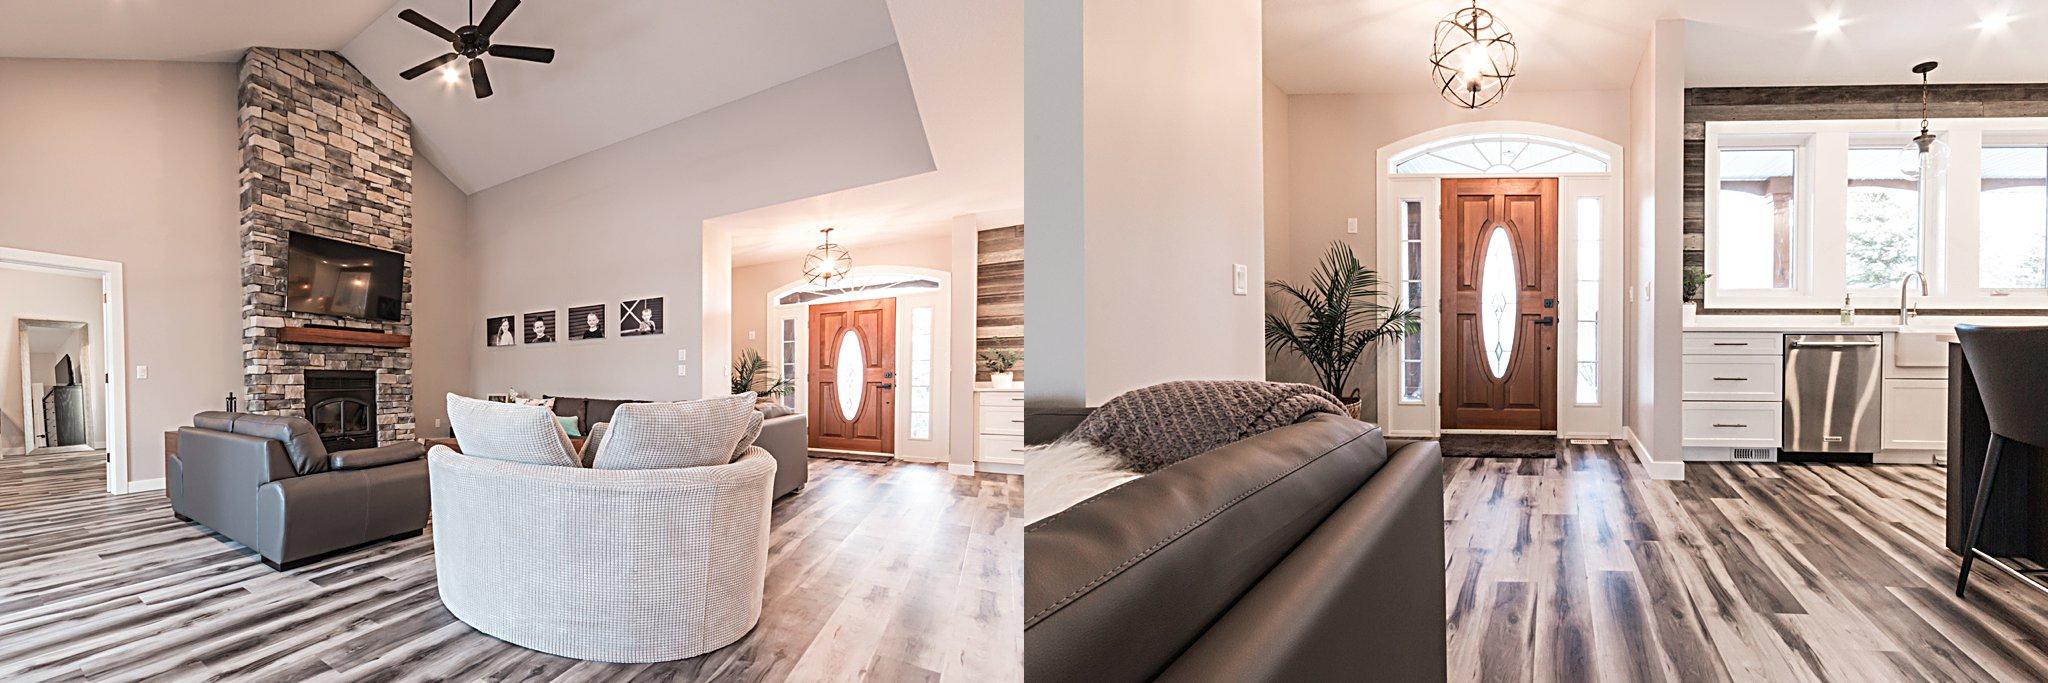 livingroom_inspiration.jpg